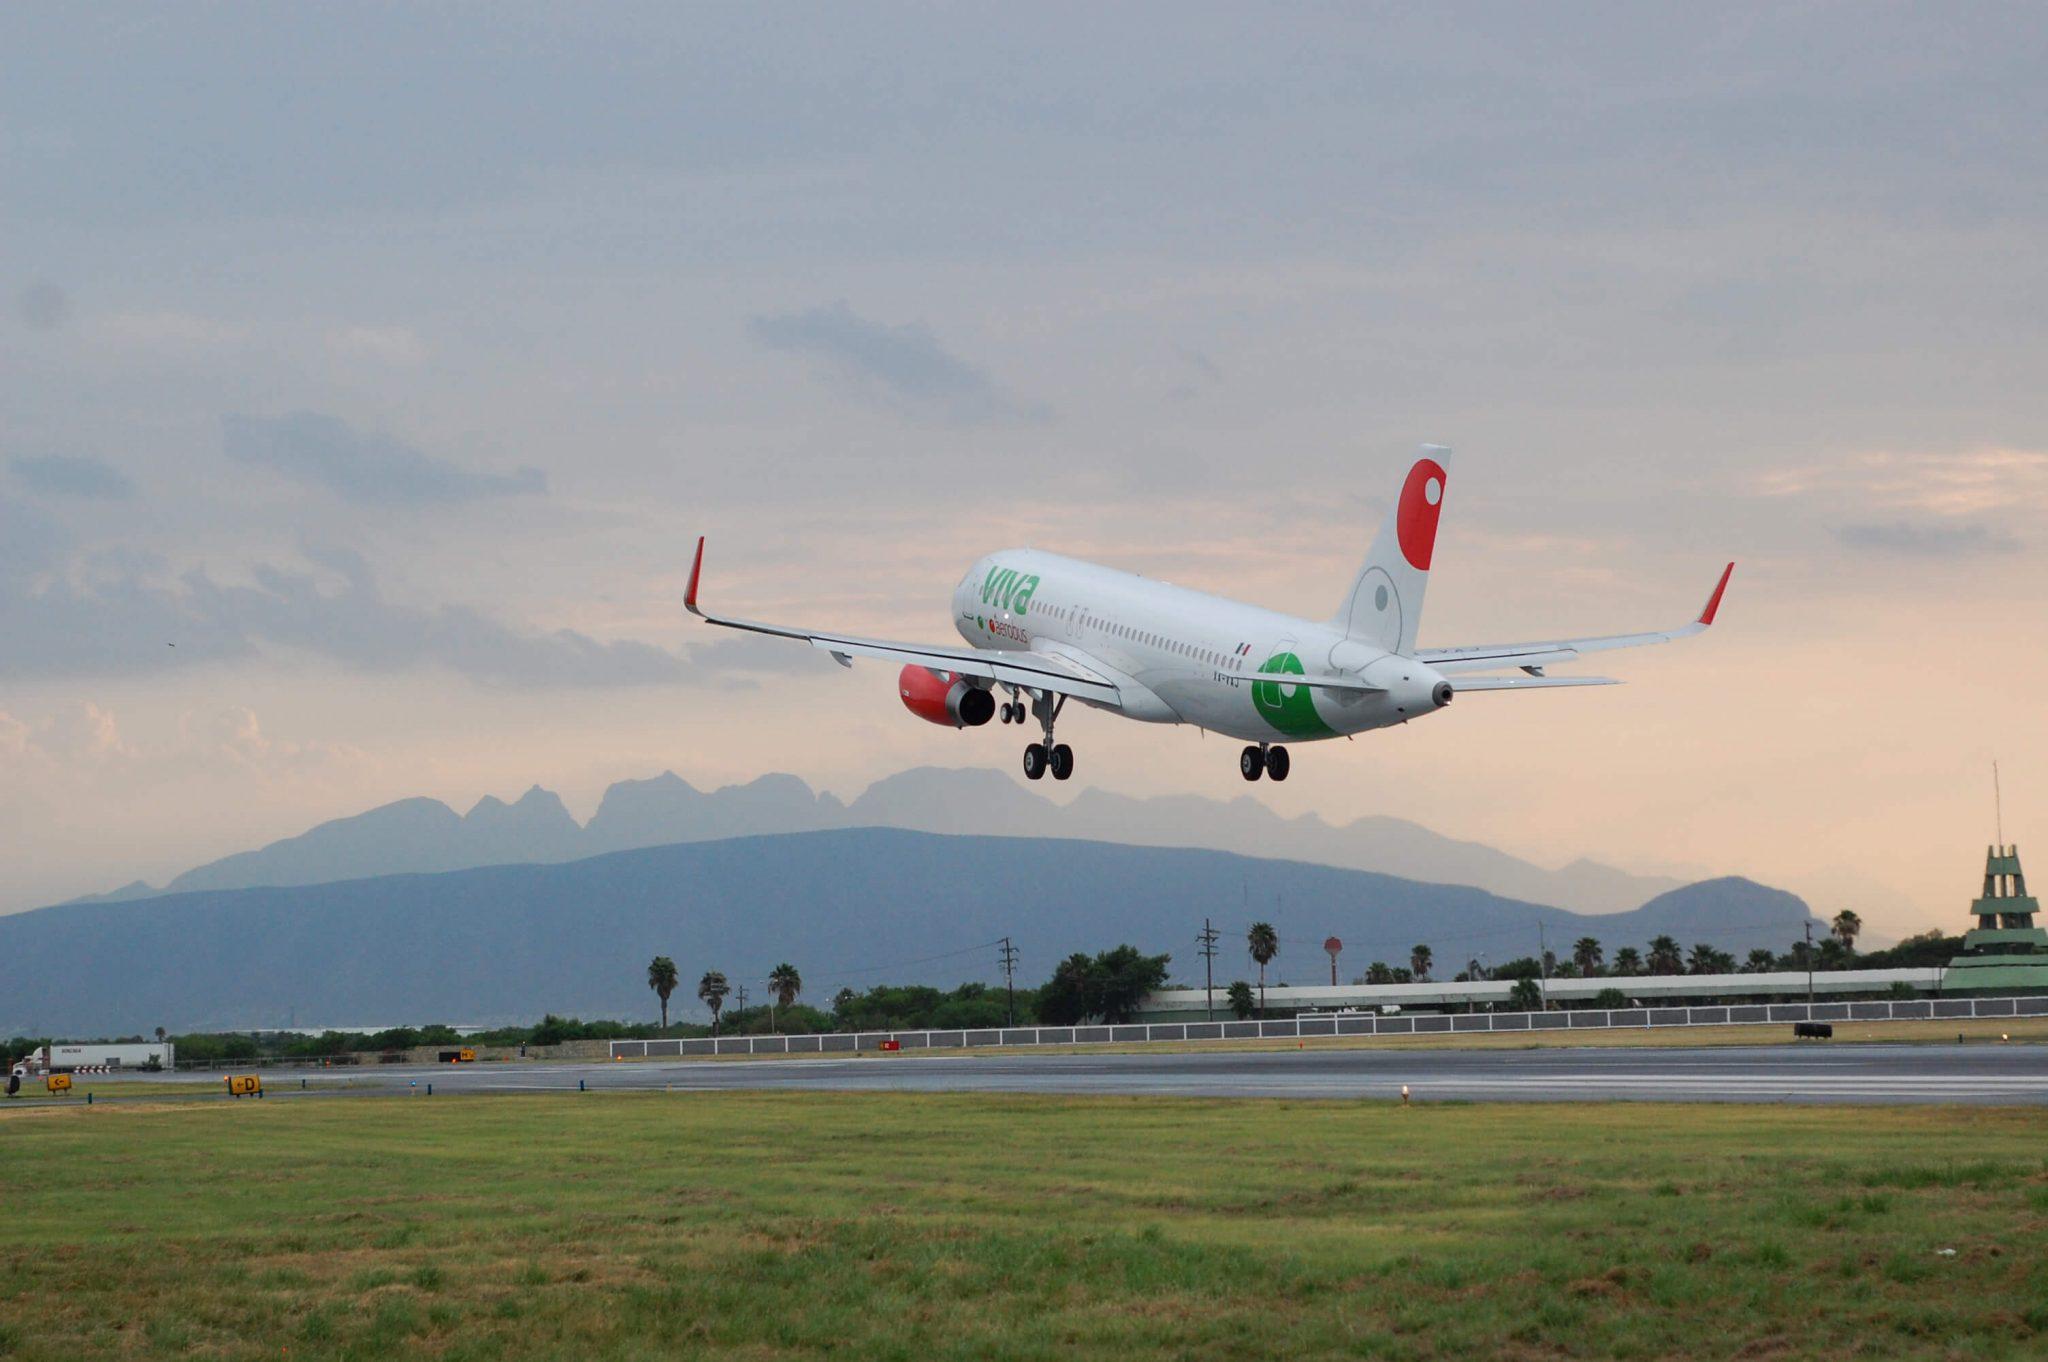 Destacan Viva y Volaris ventajas de rediseño de espacio aéreo; piden actualizaciones